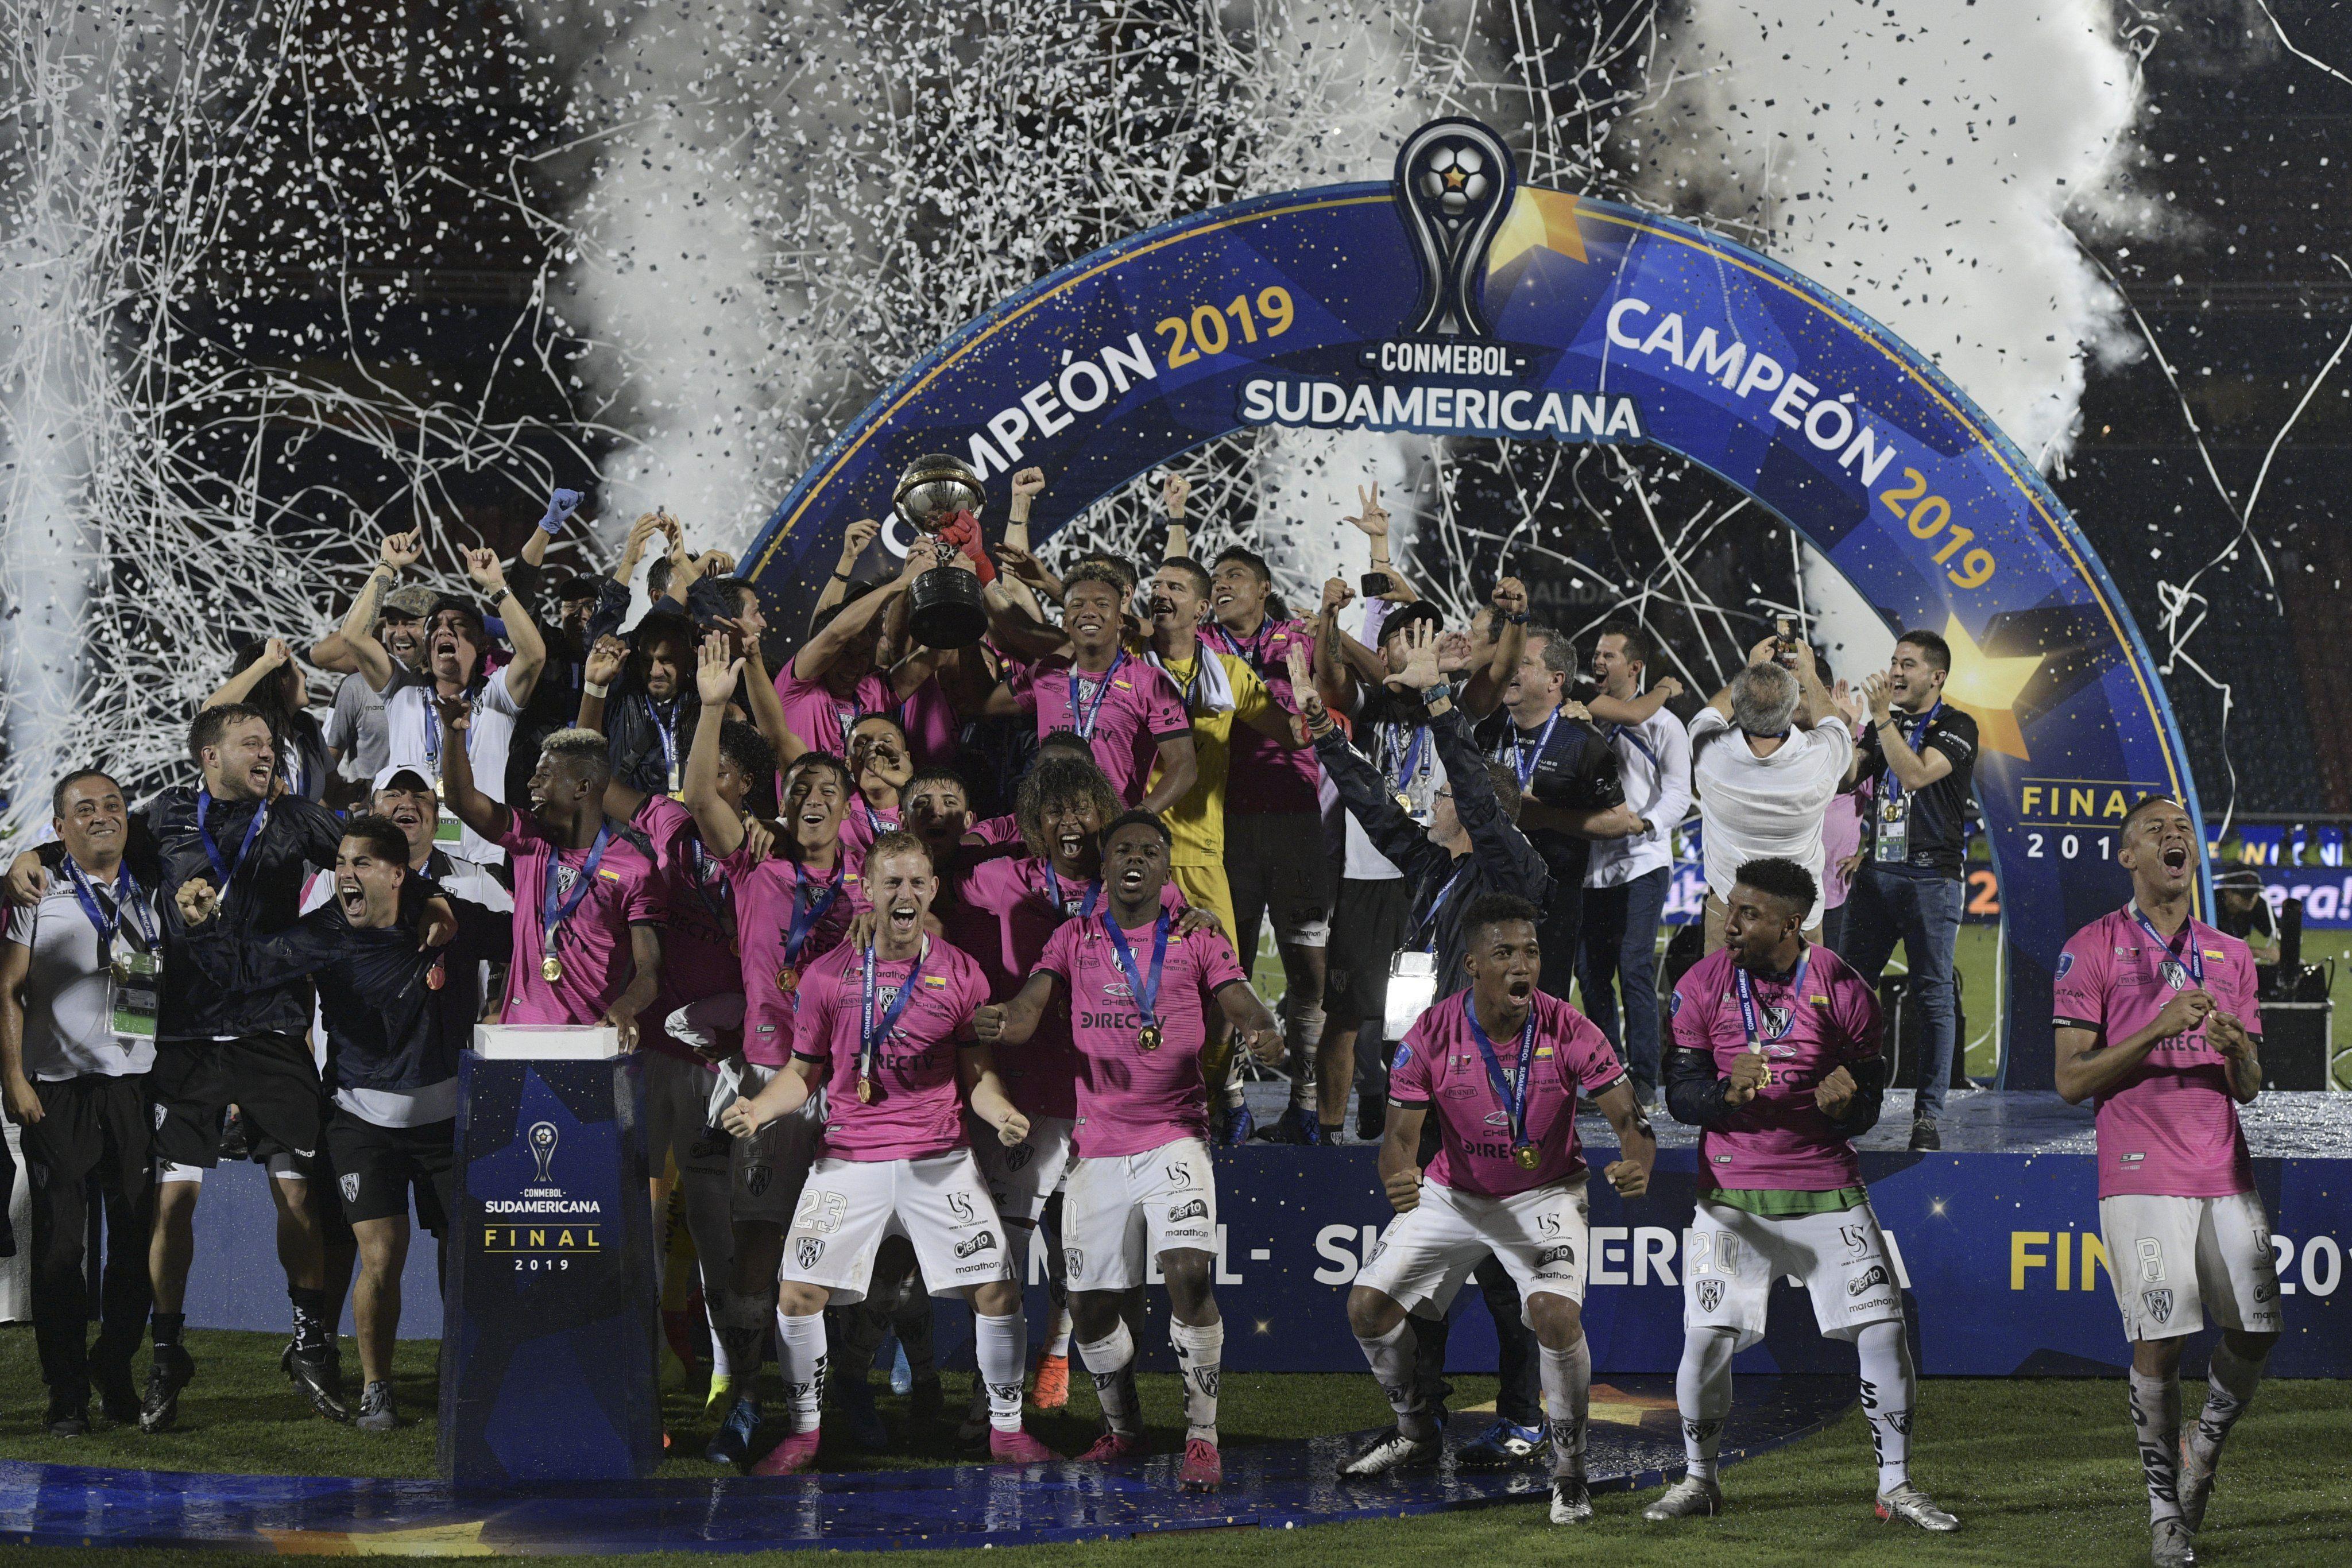 Conmebol desestimó la denuncia presentada por Colón: Independiente del Valle, ratificado como campeón